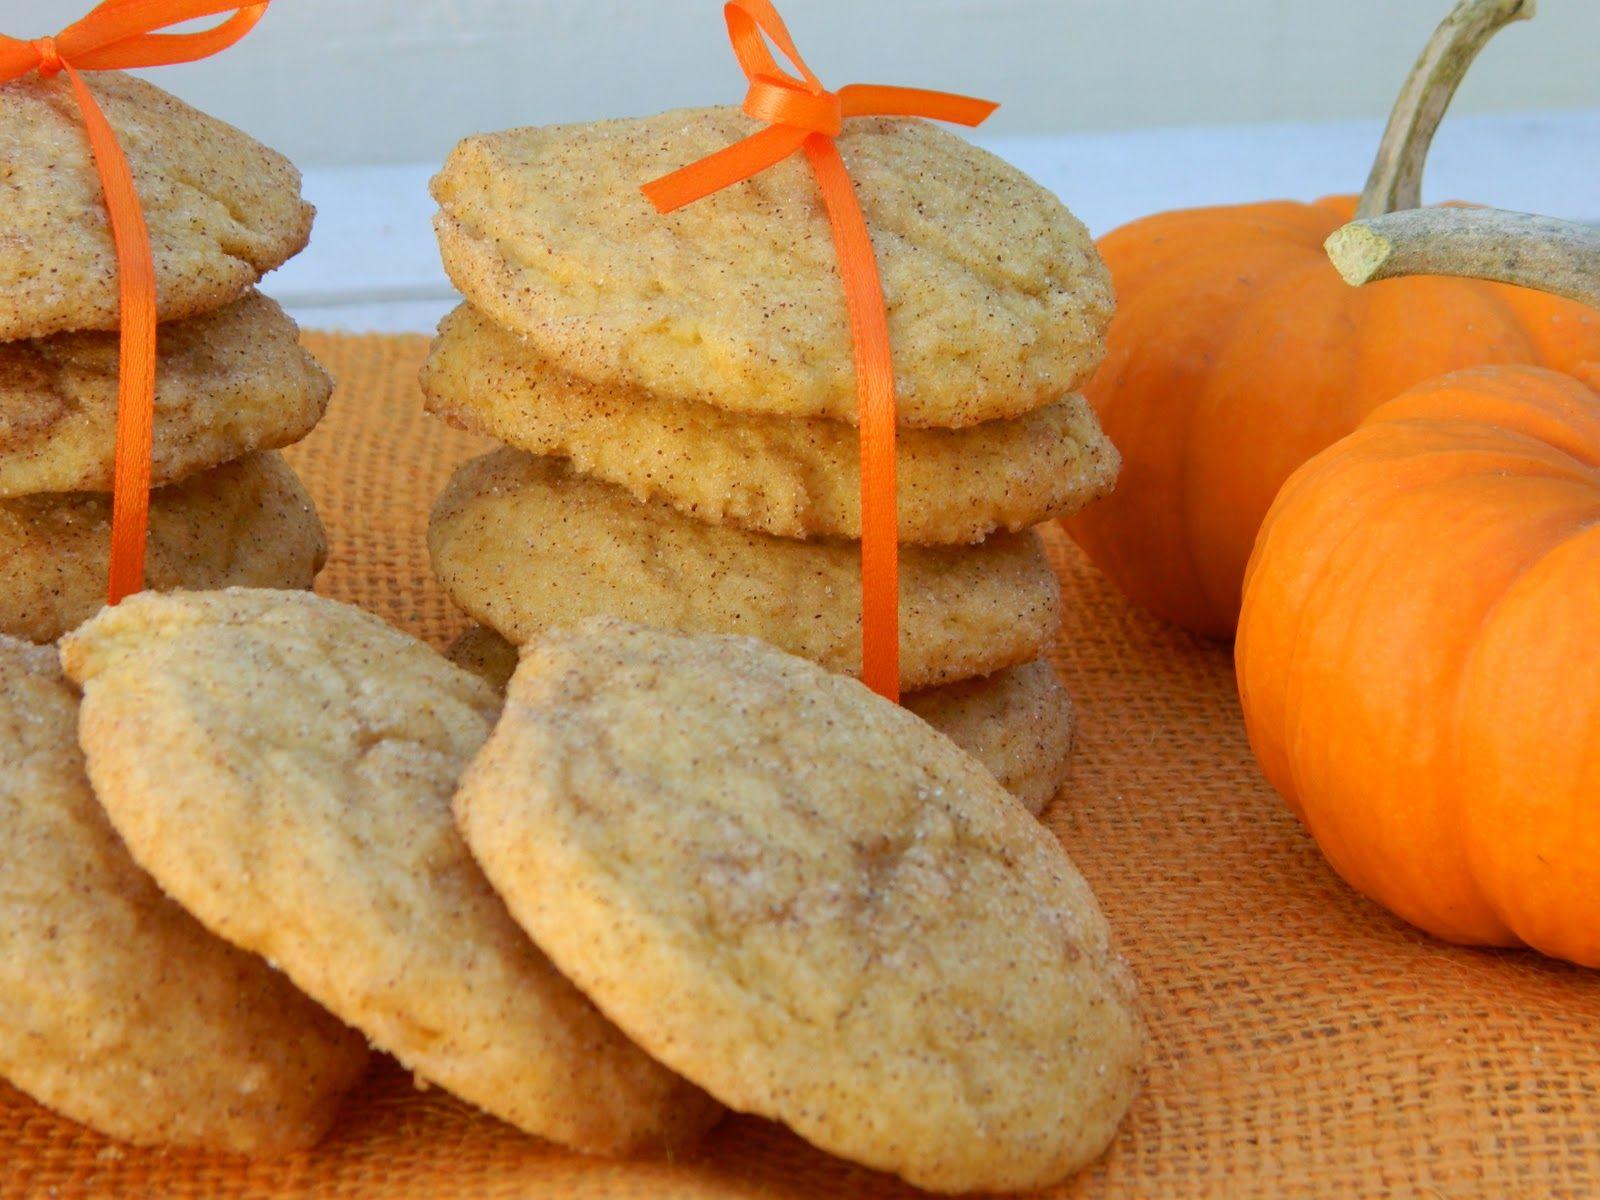 The Wednesday Baker: PUMPKIN SNICKERDOODLE COOKIES